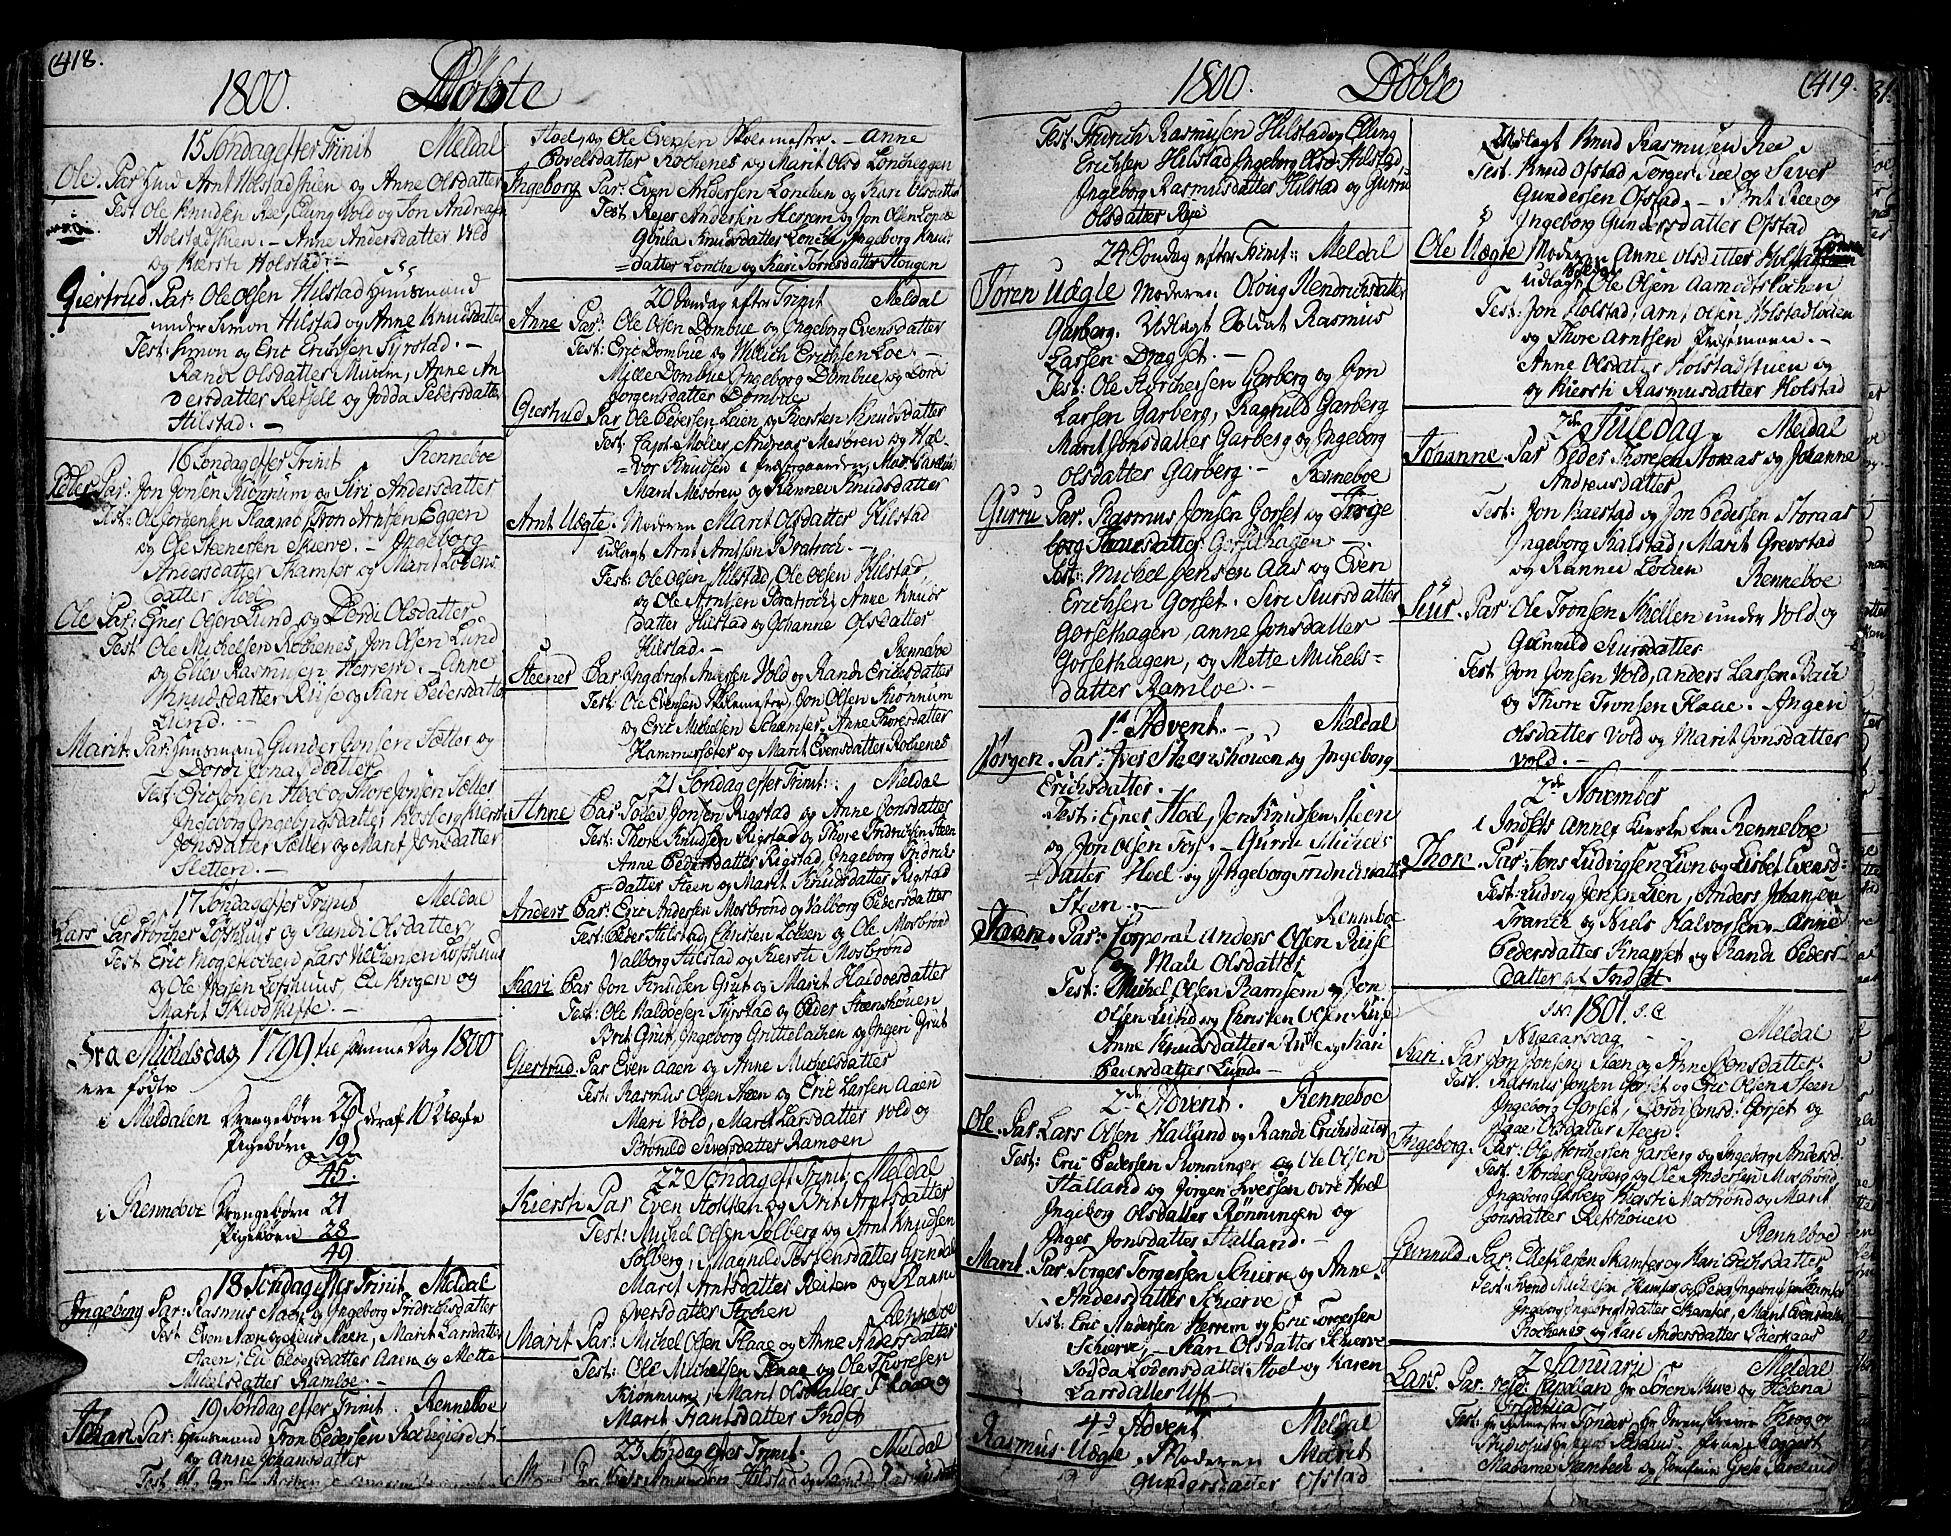 SAT, Ministerialprotokoller, klokkerbøker og fødselsregistre - Sør-Trøndelag, 672/L0852: Ministerialbok nr. 672A05, 1776-1815, s. 418-419